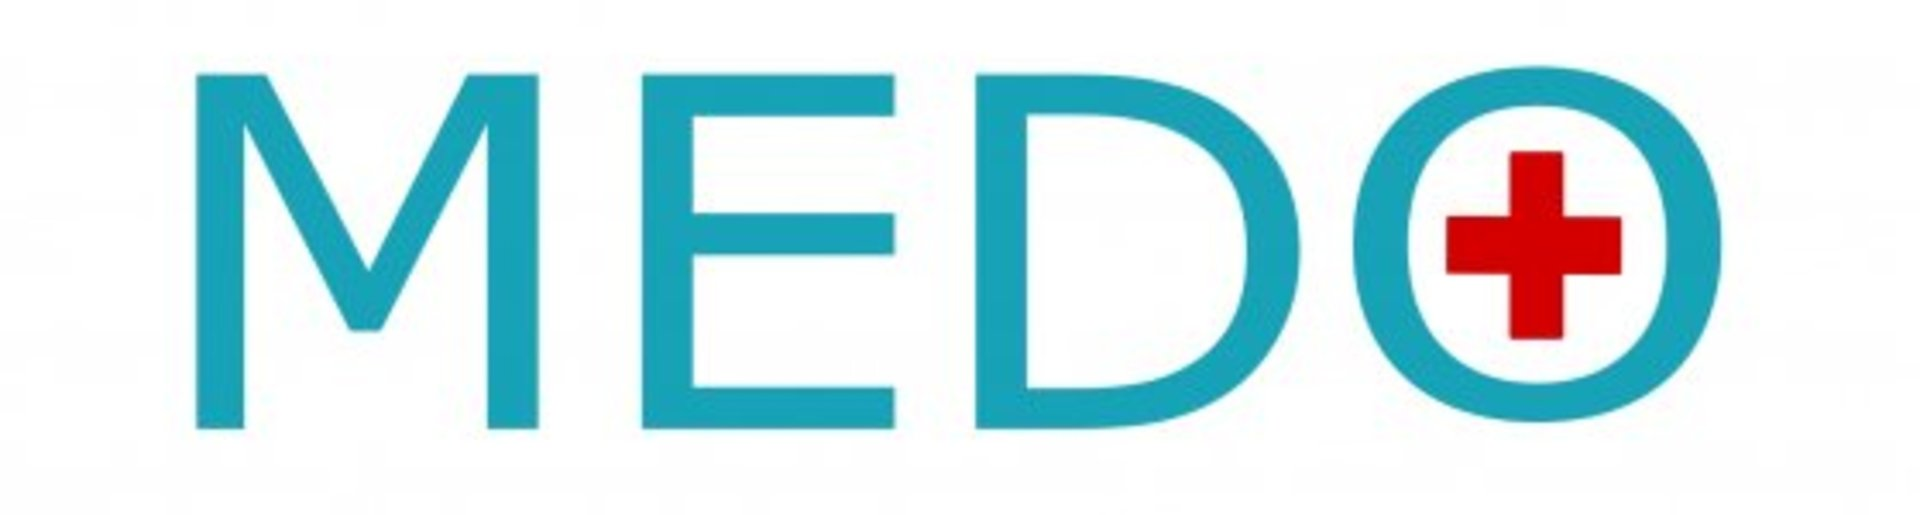 Projektas MEDO, kuriame bus atsakoma į visus Jus dominančius, su sveikatos sutrikimu susijusius klausimus